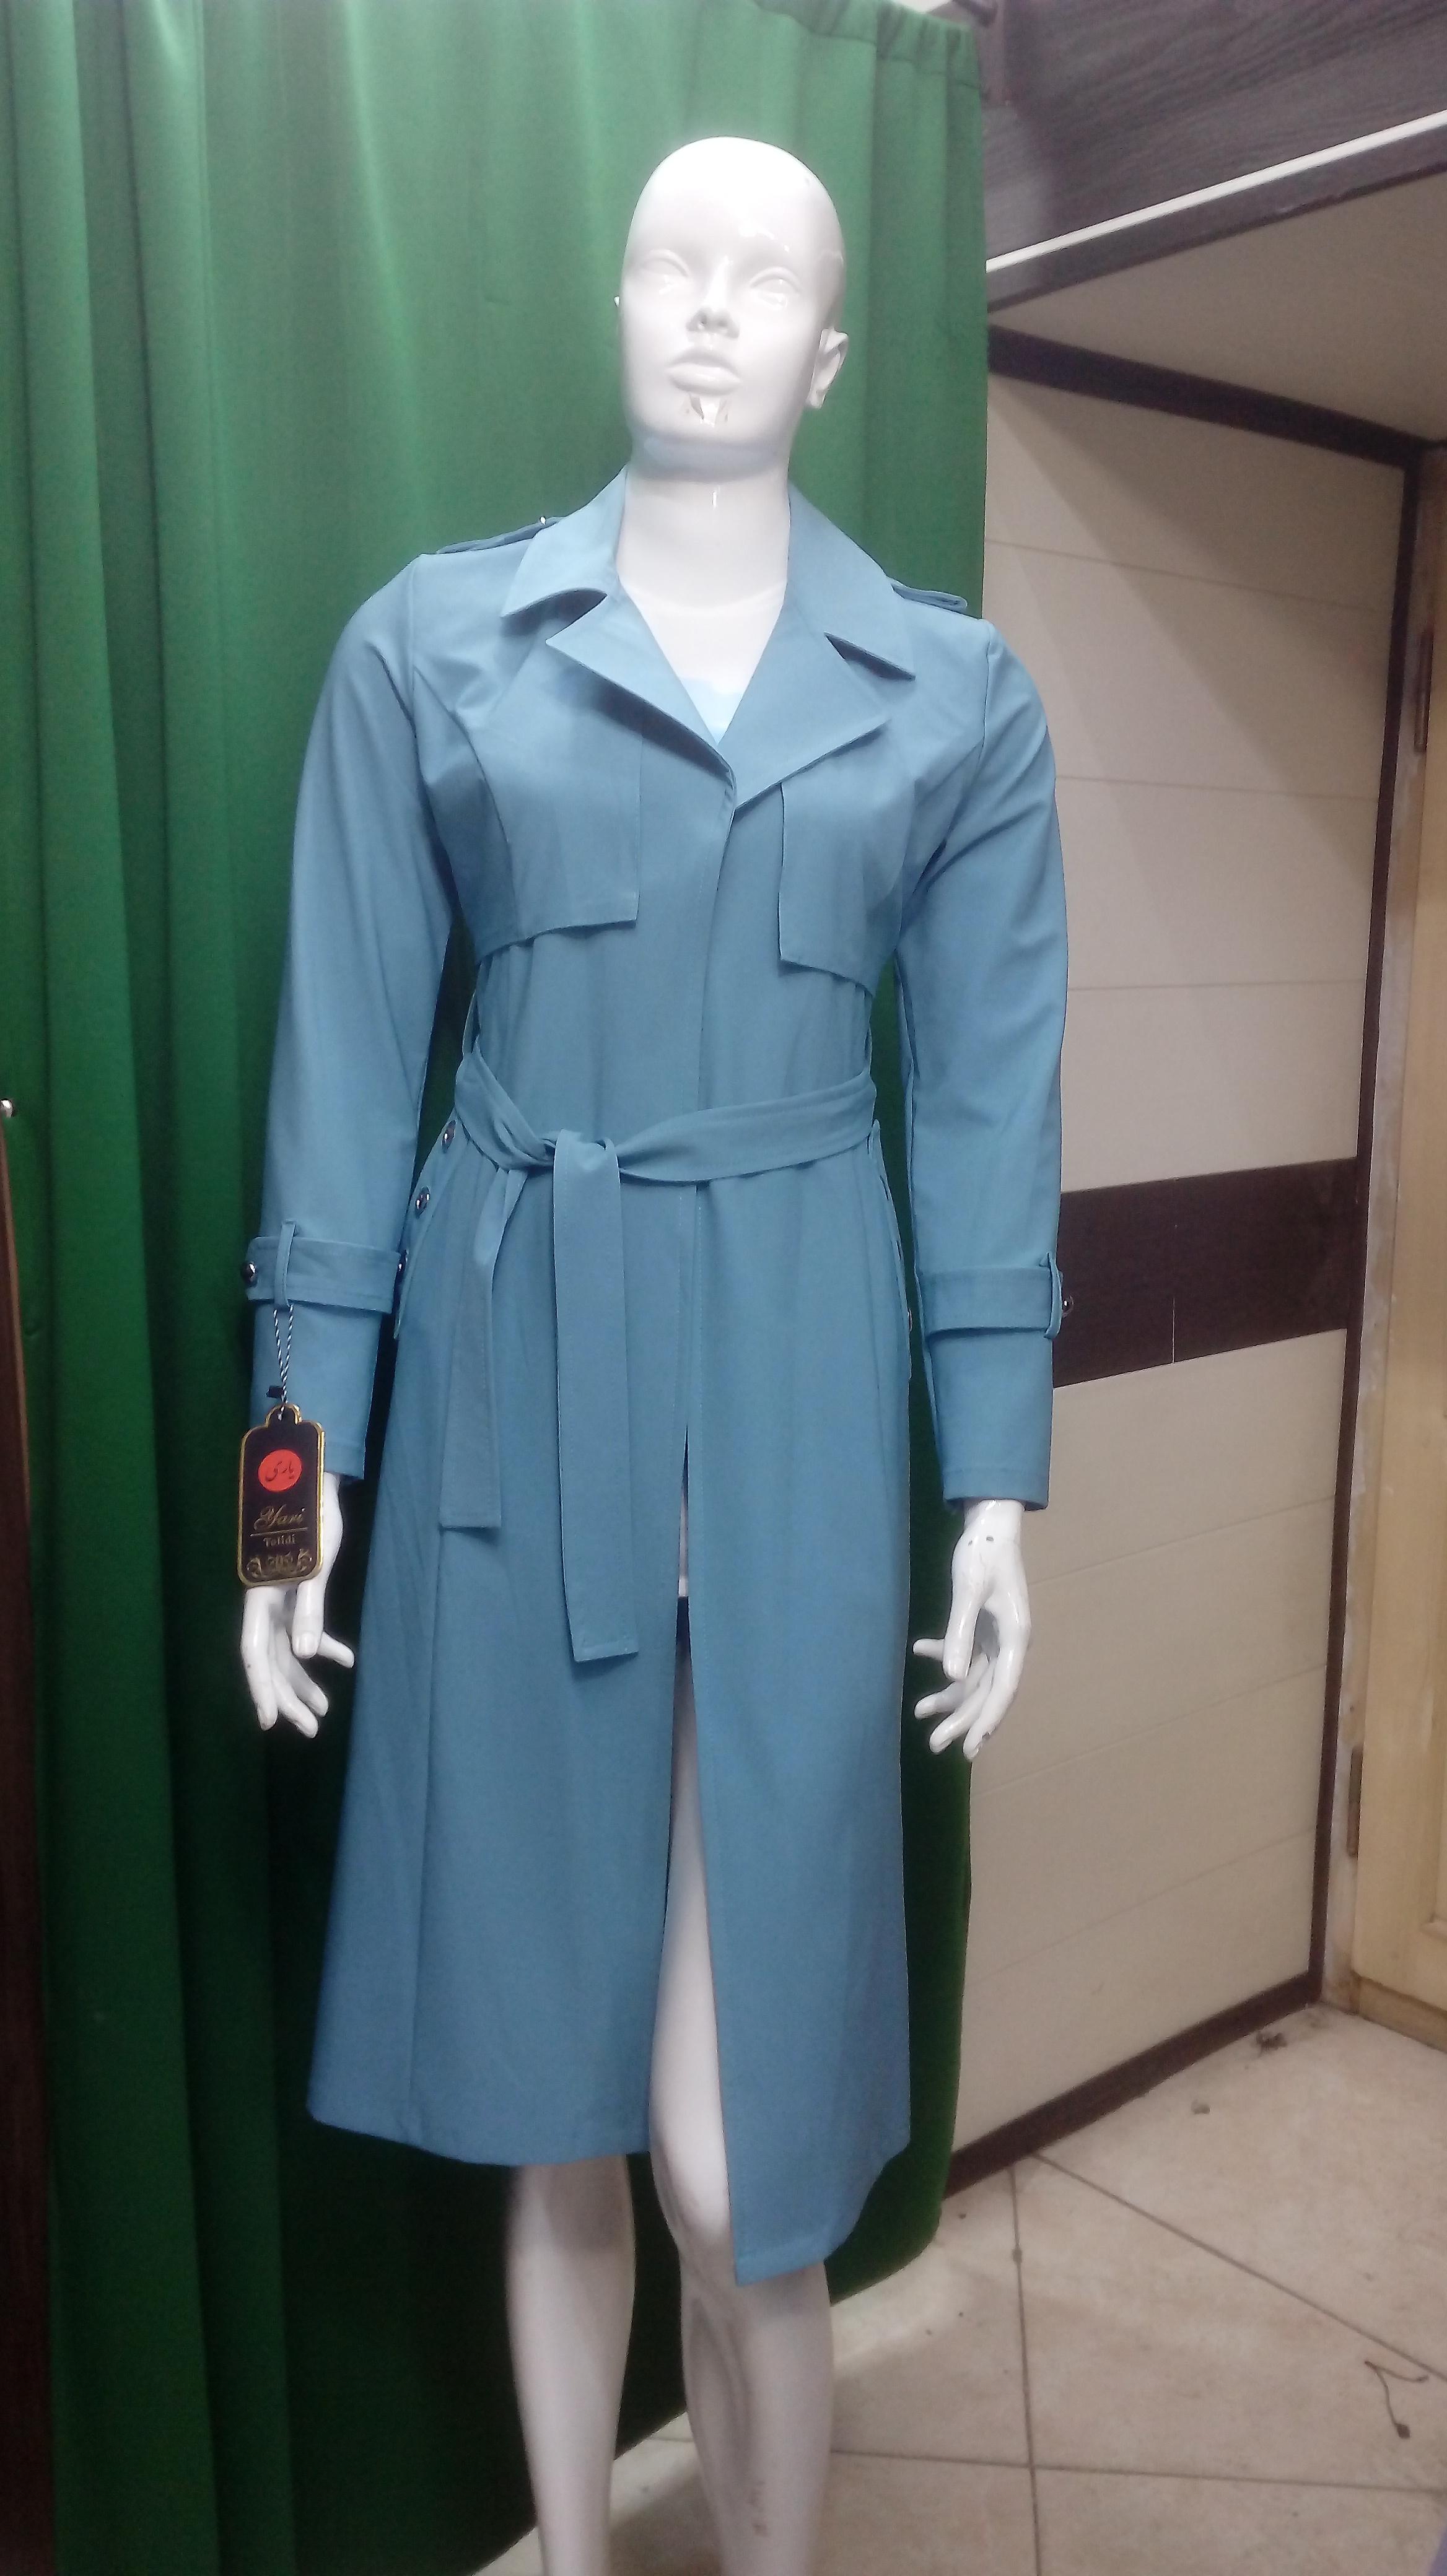 مانتو اسپورت زنانه بوگاتی رنگ سبز کد 981/1